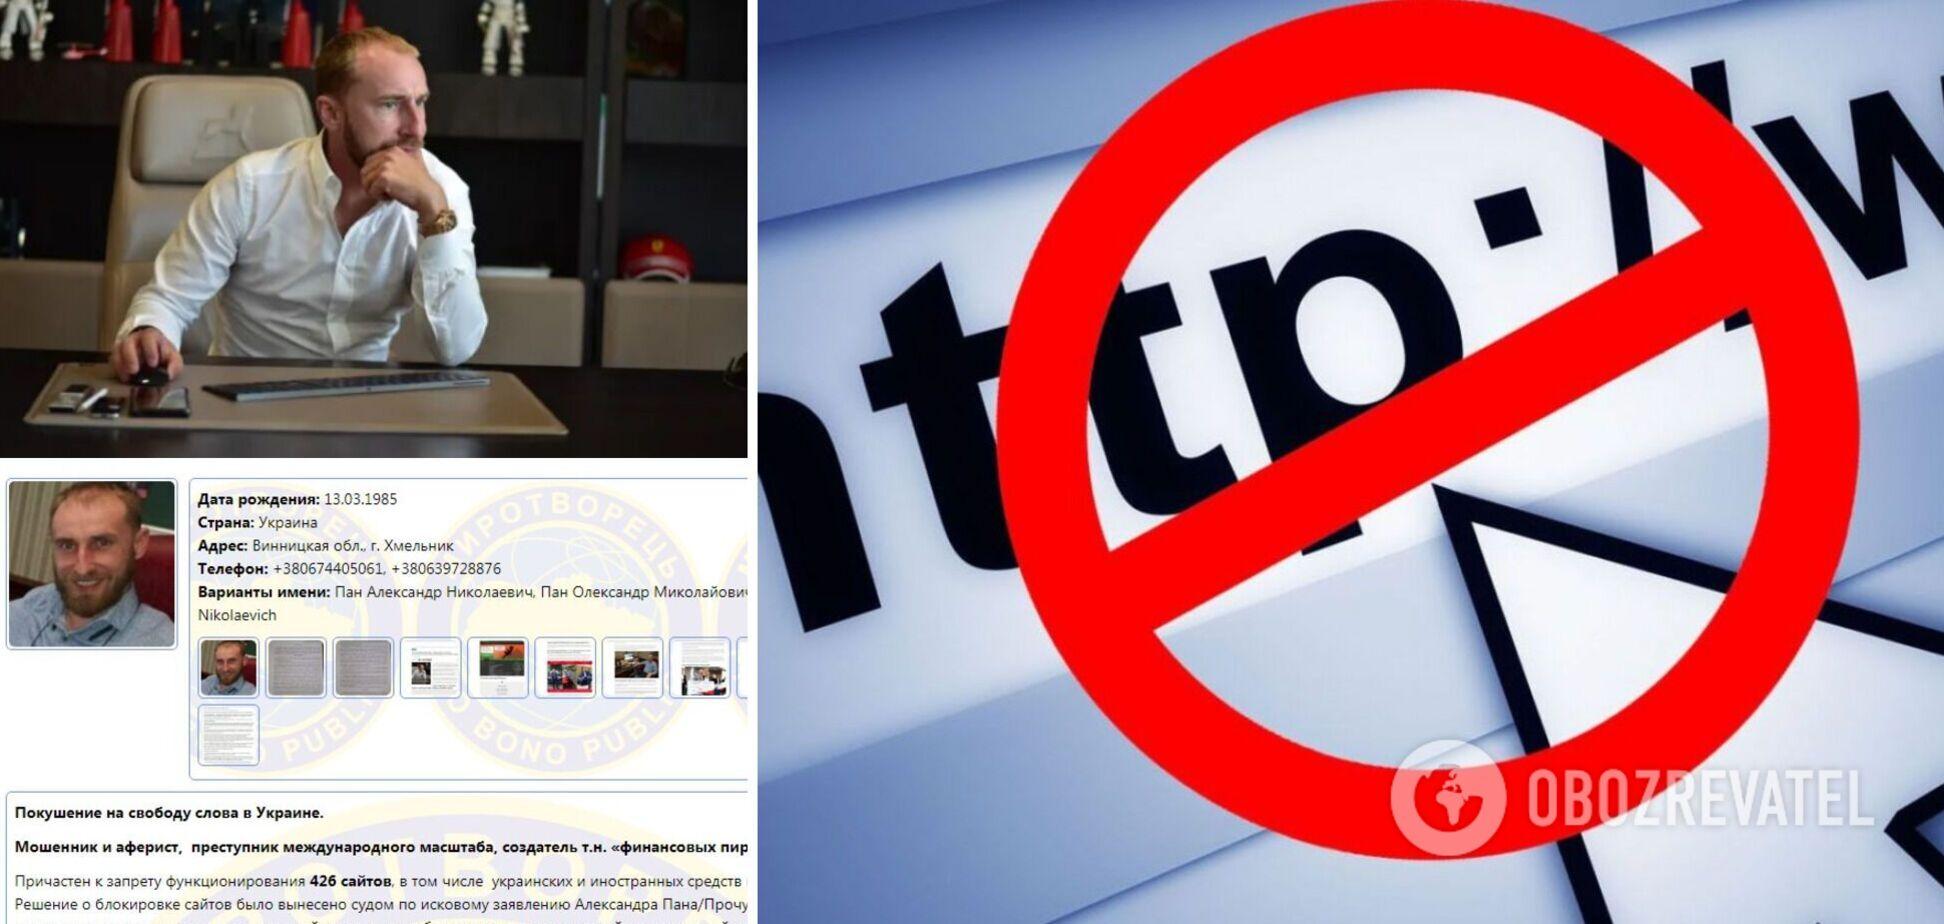 Олександр Пан, через якого заборонили понад 400 сайтів в Україні, потрапив до 'Миротворця'